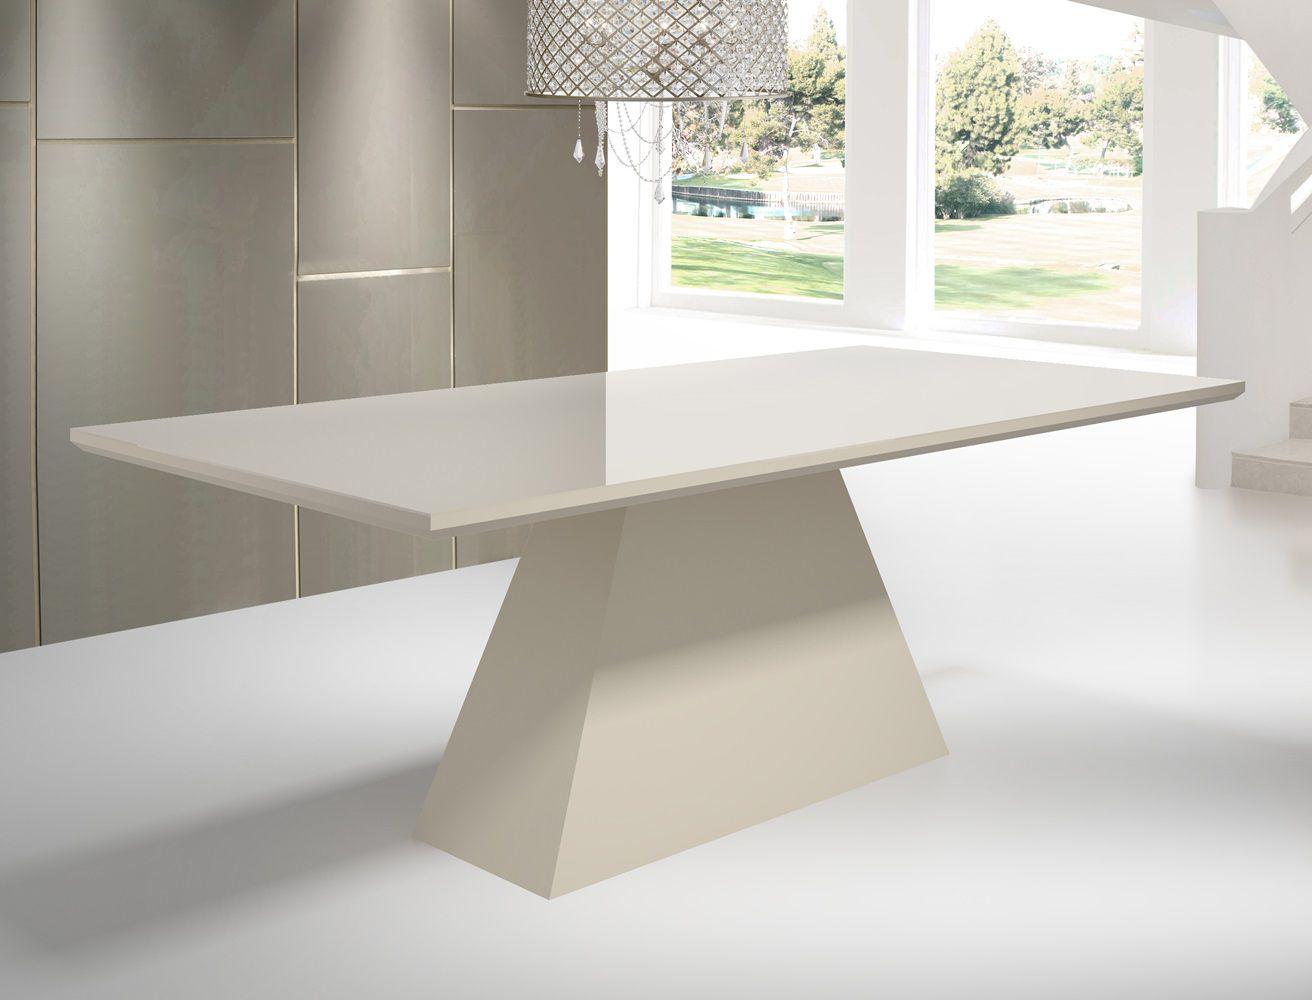 Mesa de Jantar Retangular com Vidro Tamanho ( 90cm X 160cm ) - Floripa